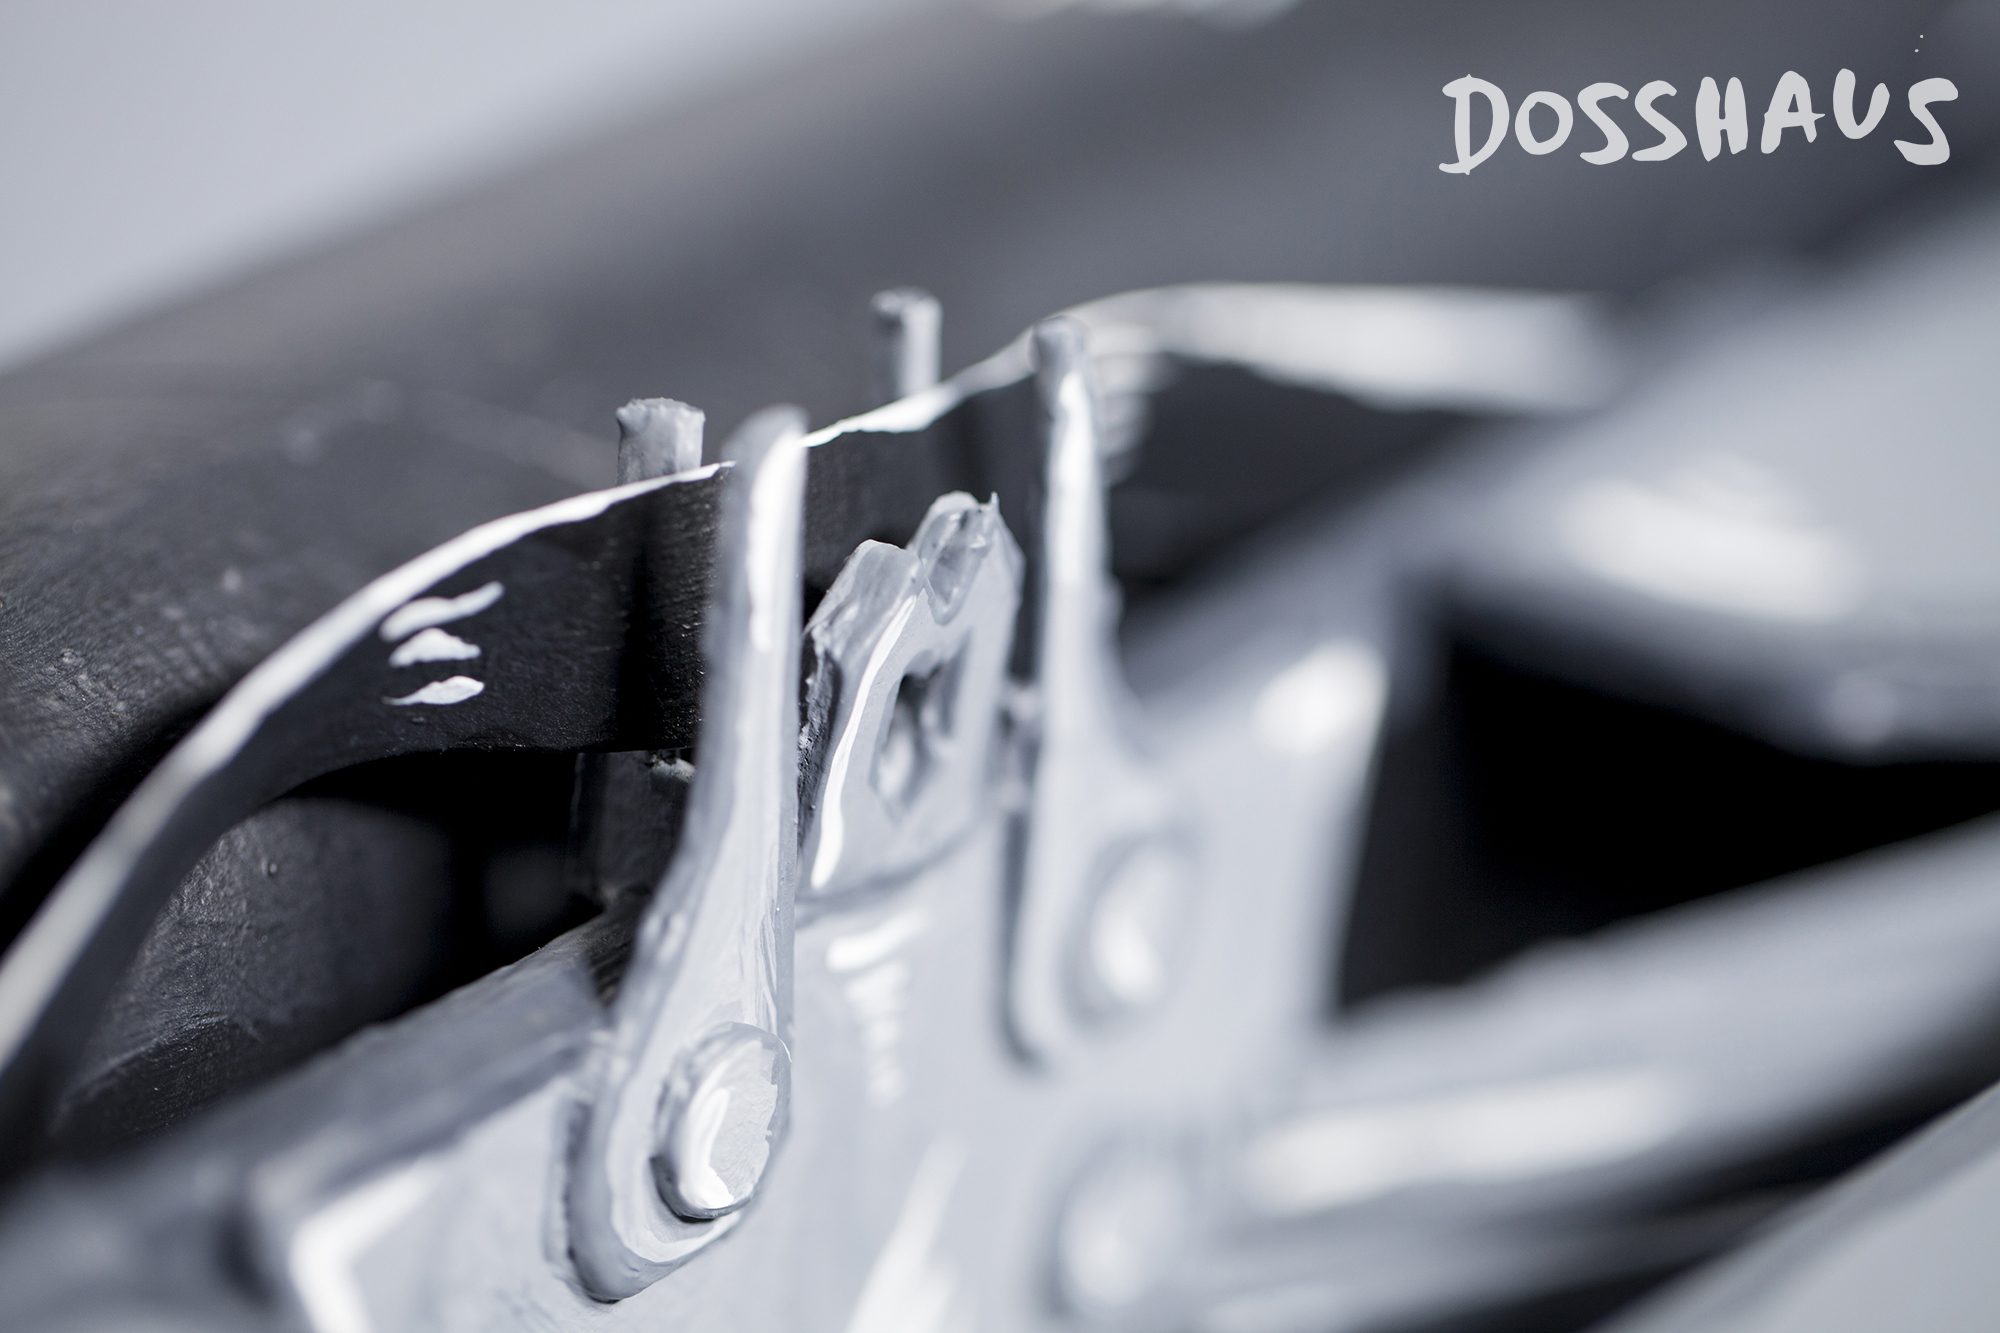 DOSSHAUS Grey Typewriter 2.jpg